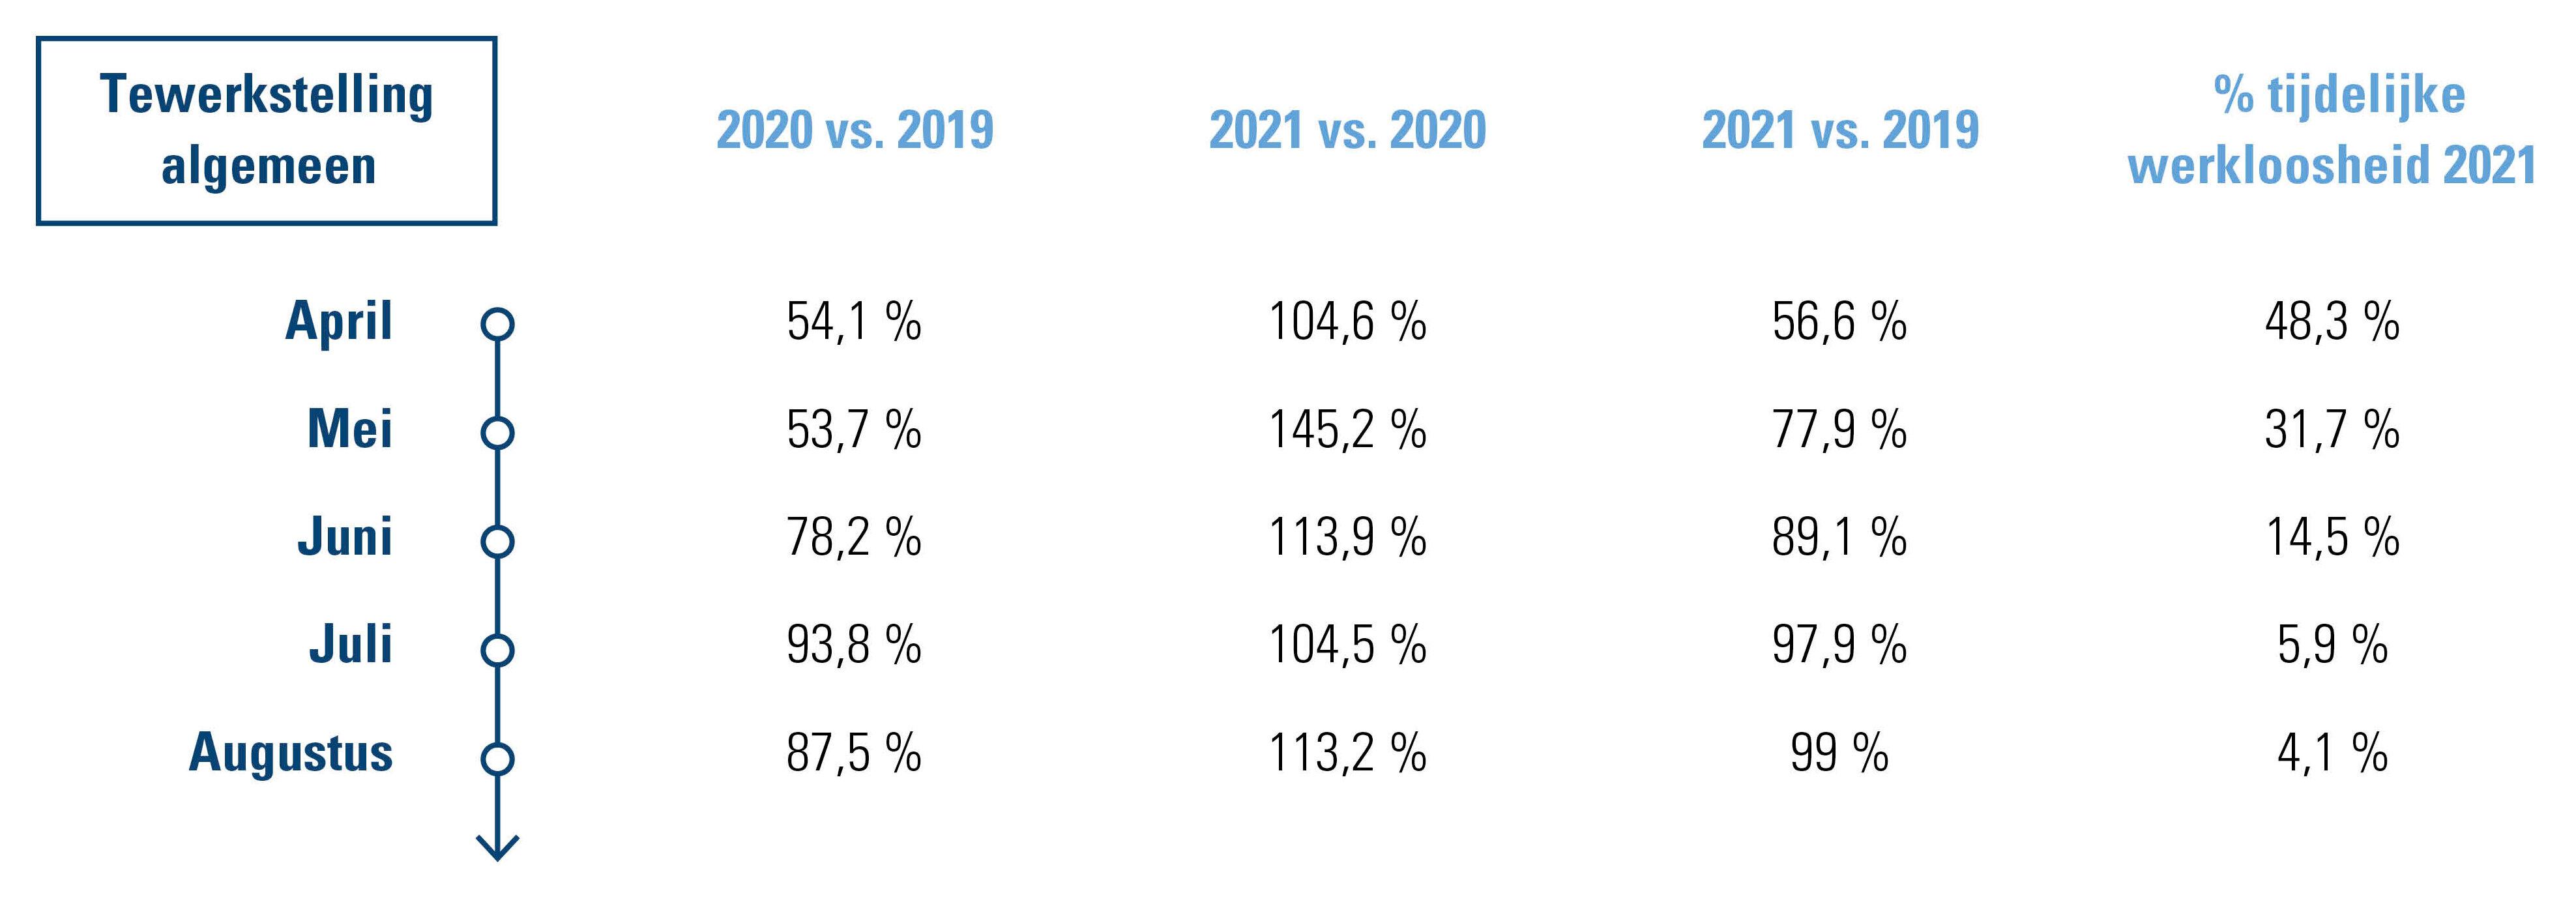 Tewerkstelling Belgische eet- en drankgelegenheden 2021 vs. 2020 en 2019